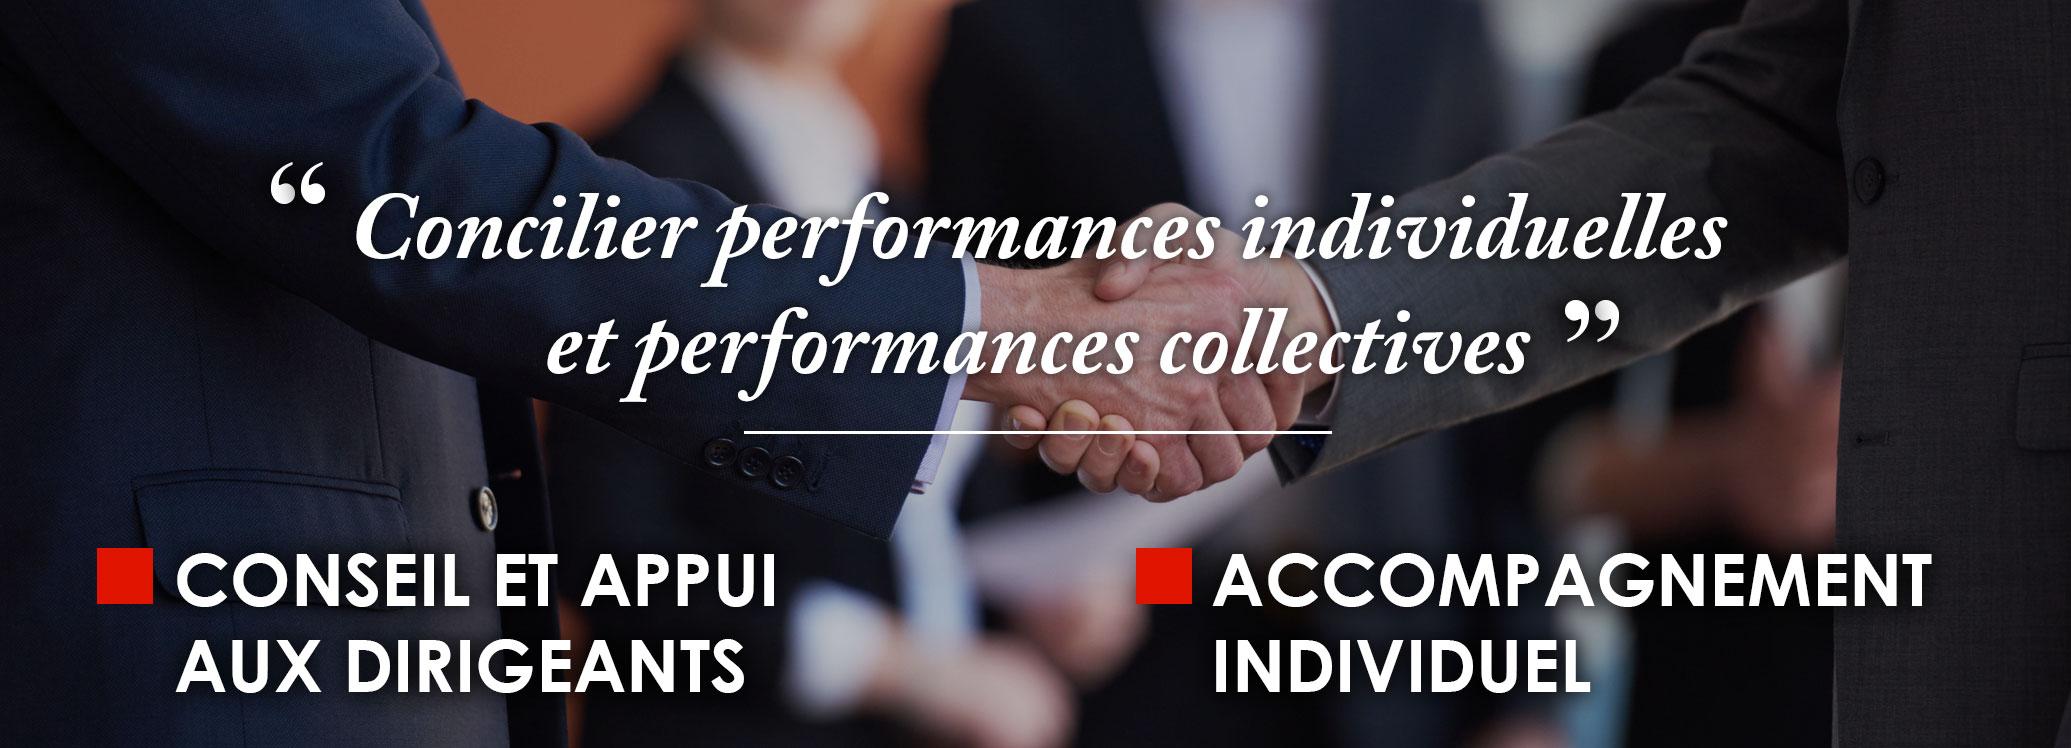 Concilier performances individuelles et performances collectives : conseils et appui aux dirigeants, accompagnement individuel